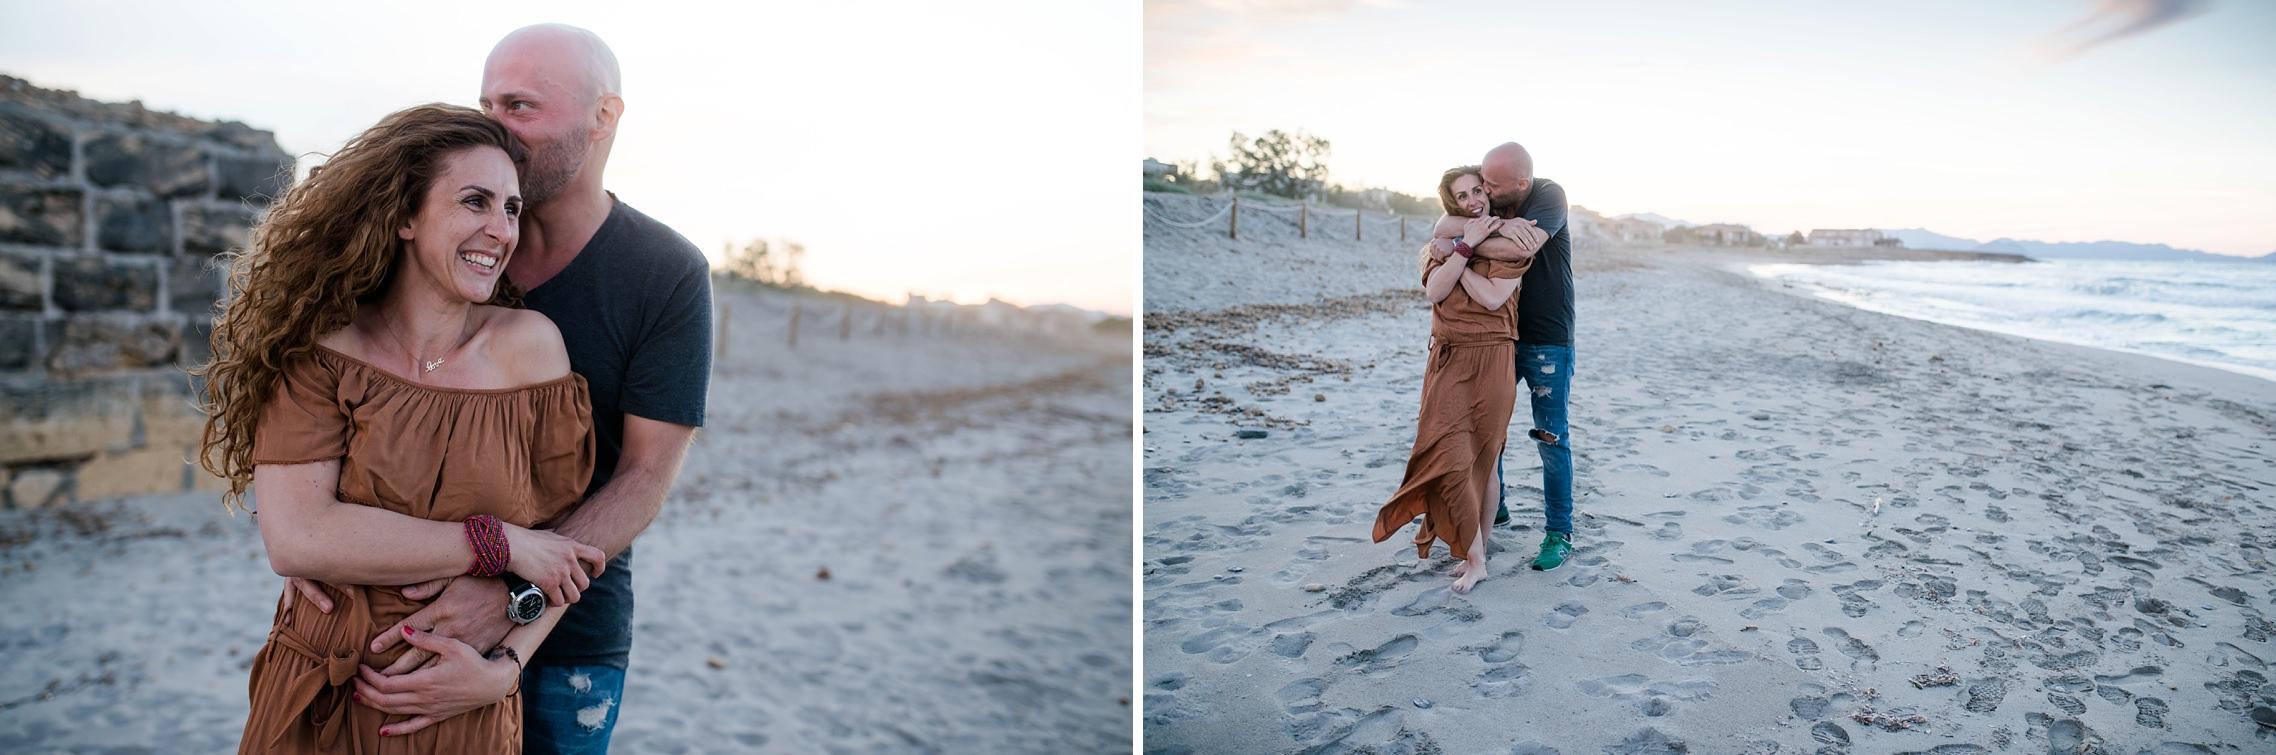 Verliebtes Paar am Strand von Son Serra de Marina auf Mallorca kurz nach Sonnenuntergang